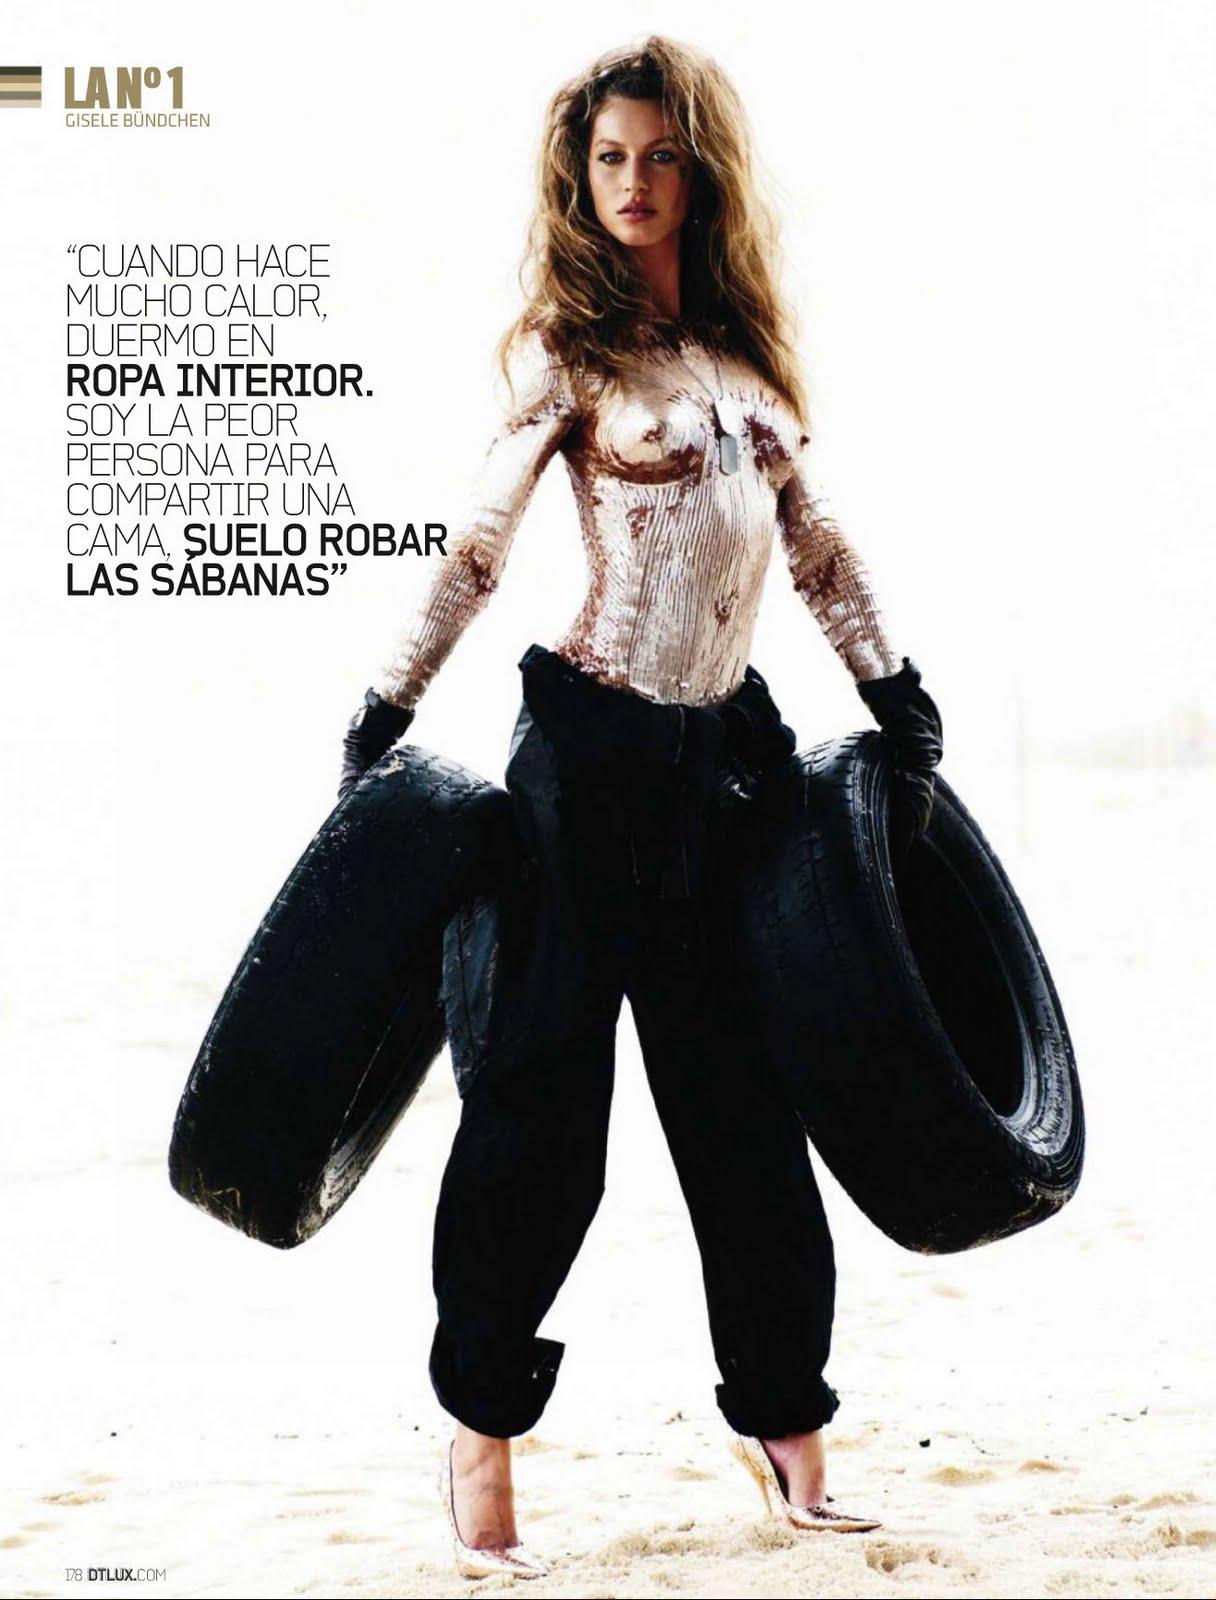 http://3.bp.blogspot.com/_jBpbz96_-9Y/TKlBaLujMTI/AAAAAAAAVwo/rsxVCTy0lPY/s1600/Gisele+Bundchen+for+DT+magazine+1.jpg